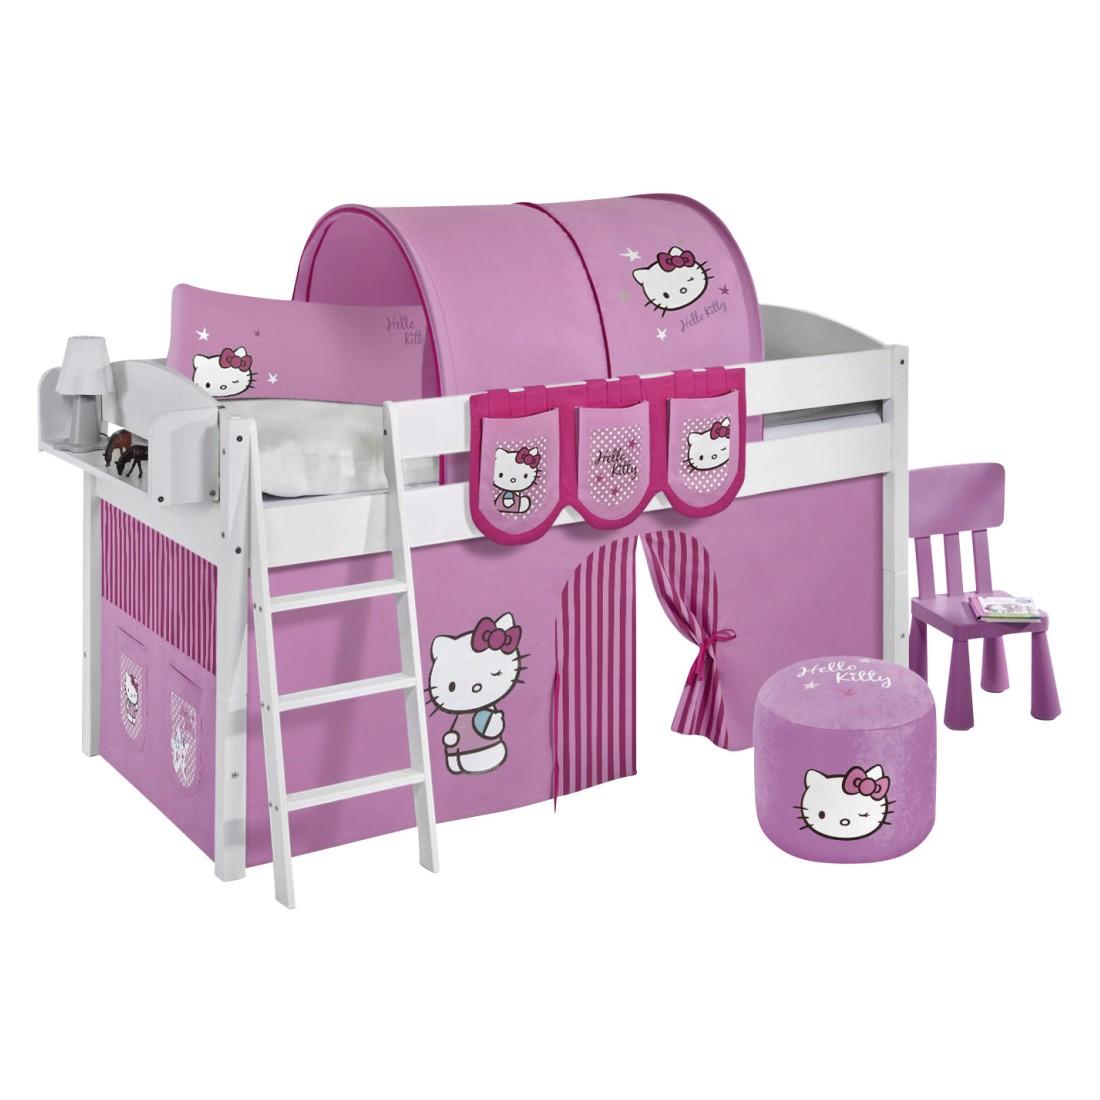 Spielbett IDA Hello Kitty Rosa